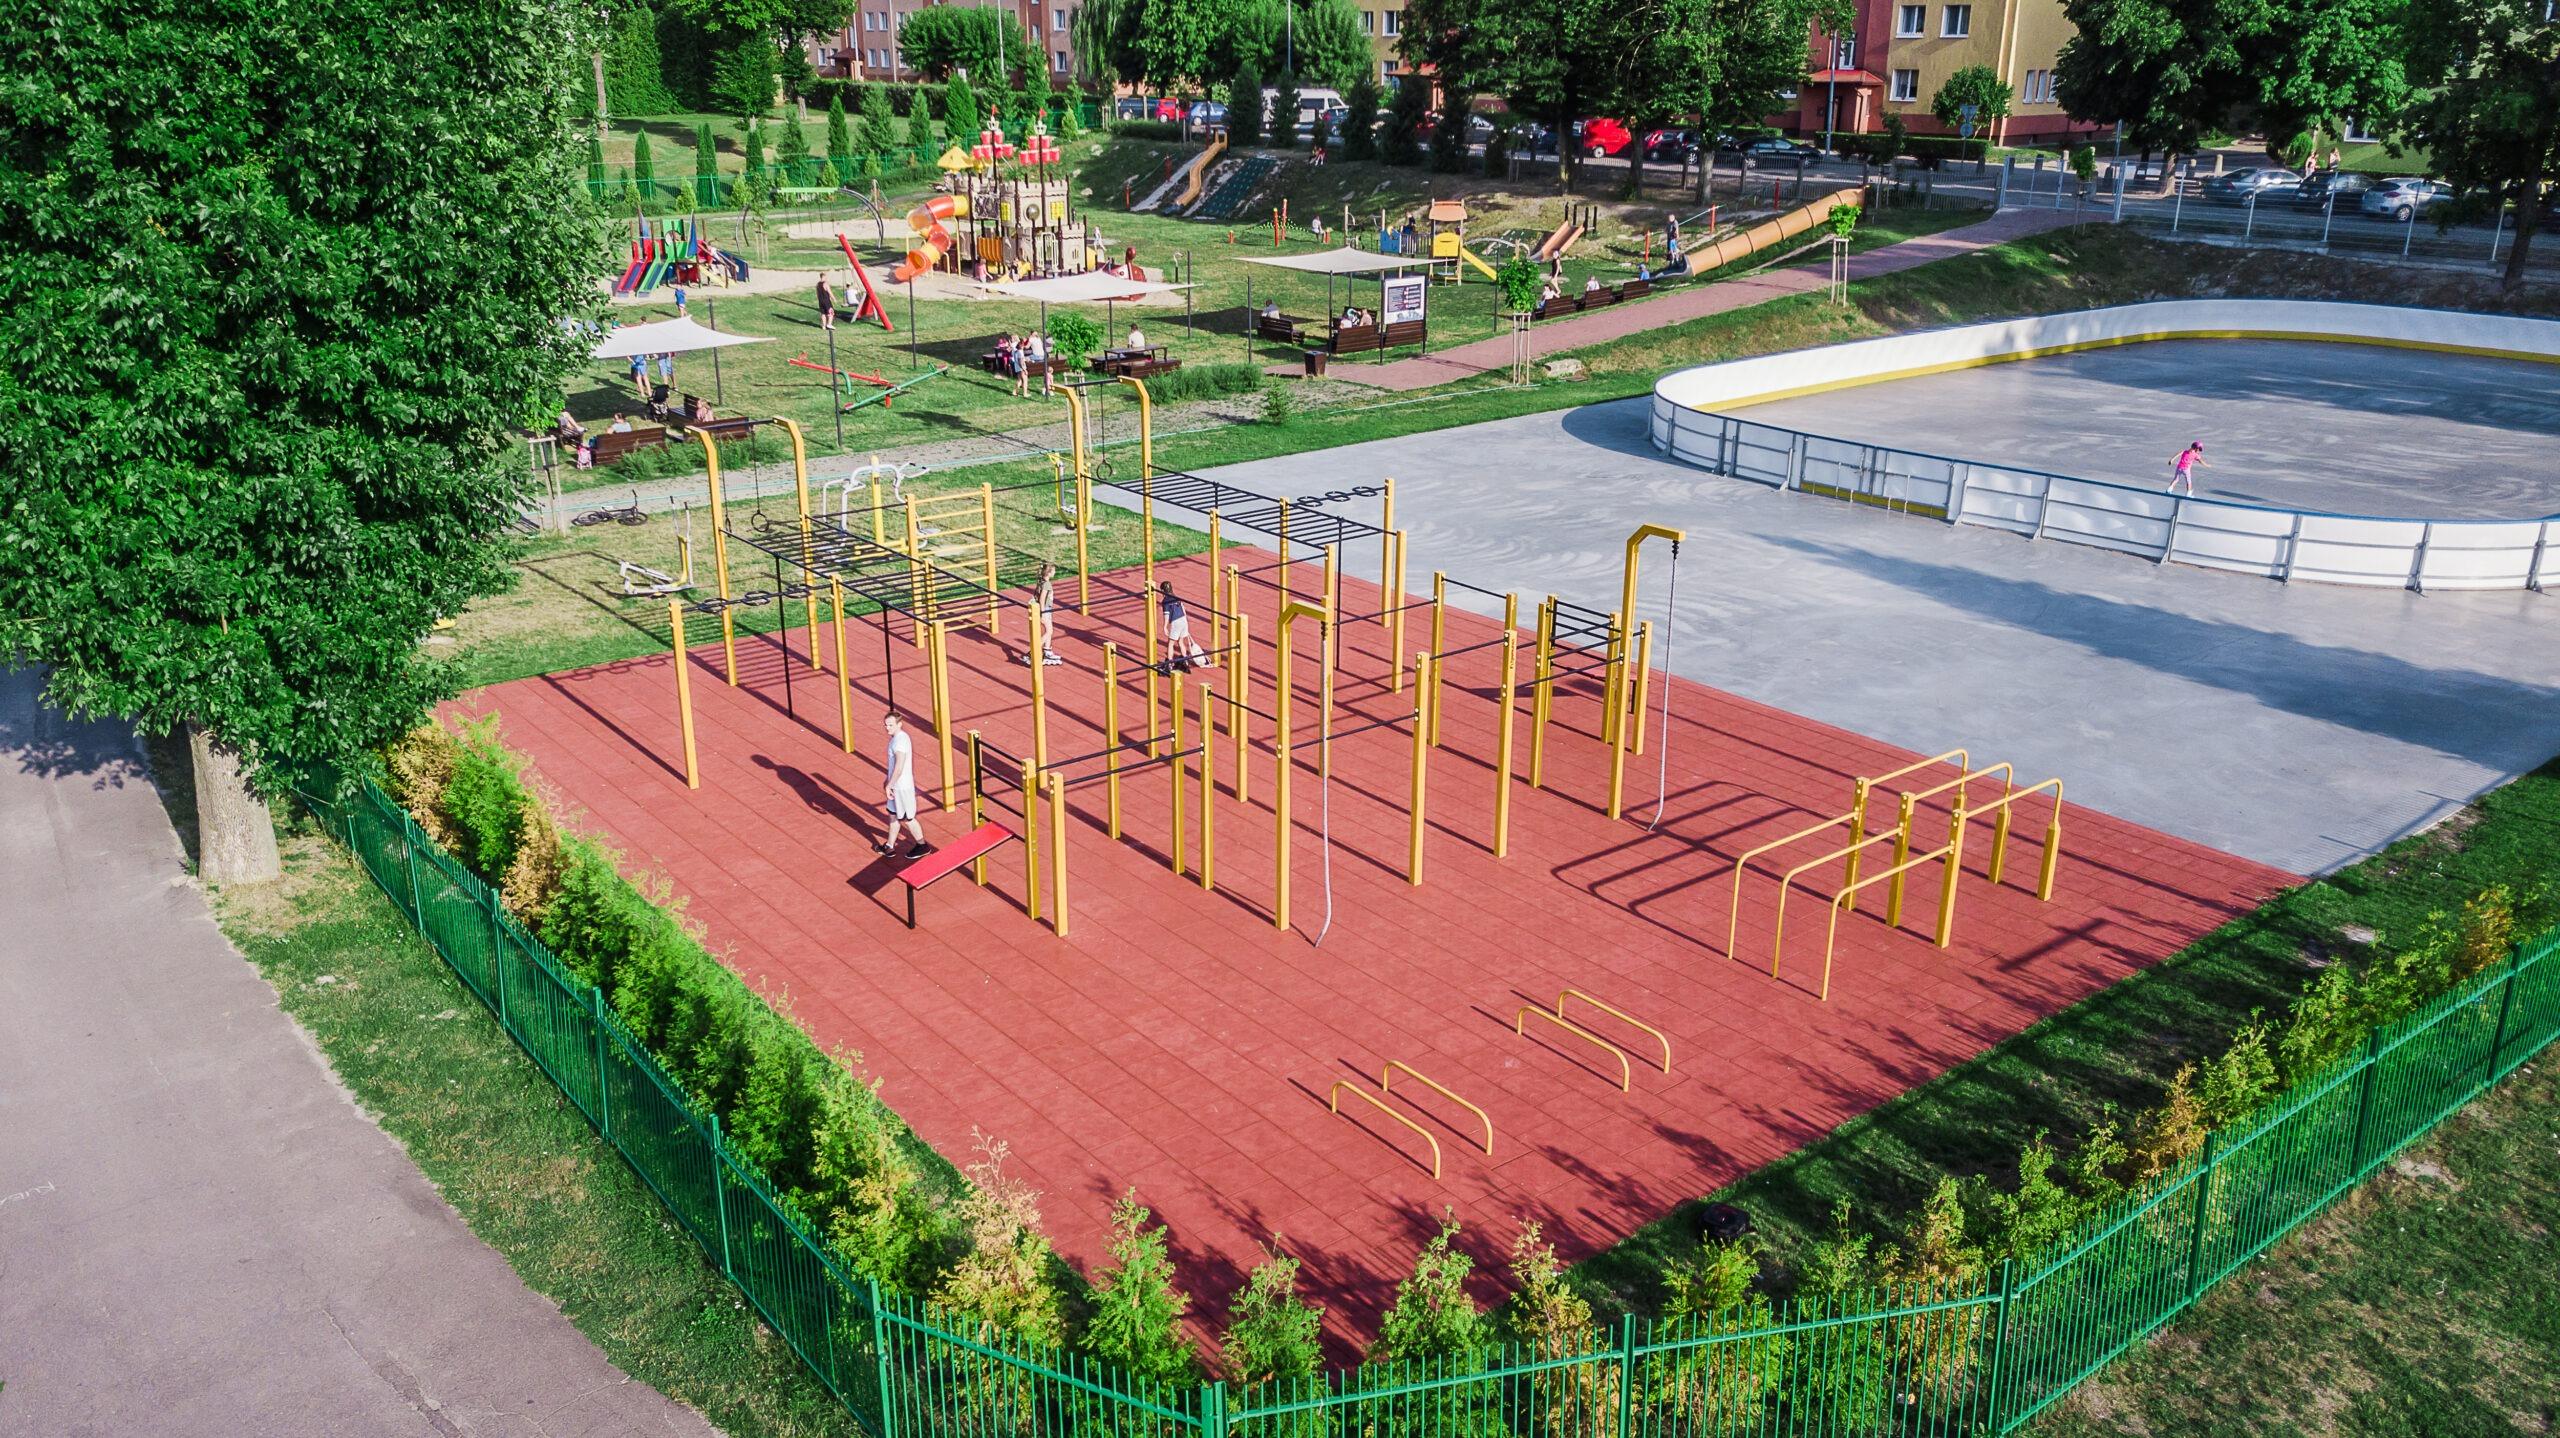 Zdjęcie przedstawia siłownię na świeżym powietrzu przy Miejskim Ośrodku Sportu i Rekreacji